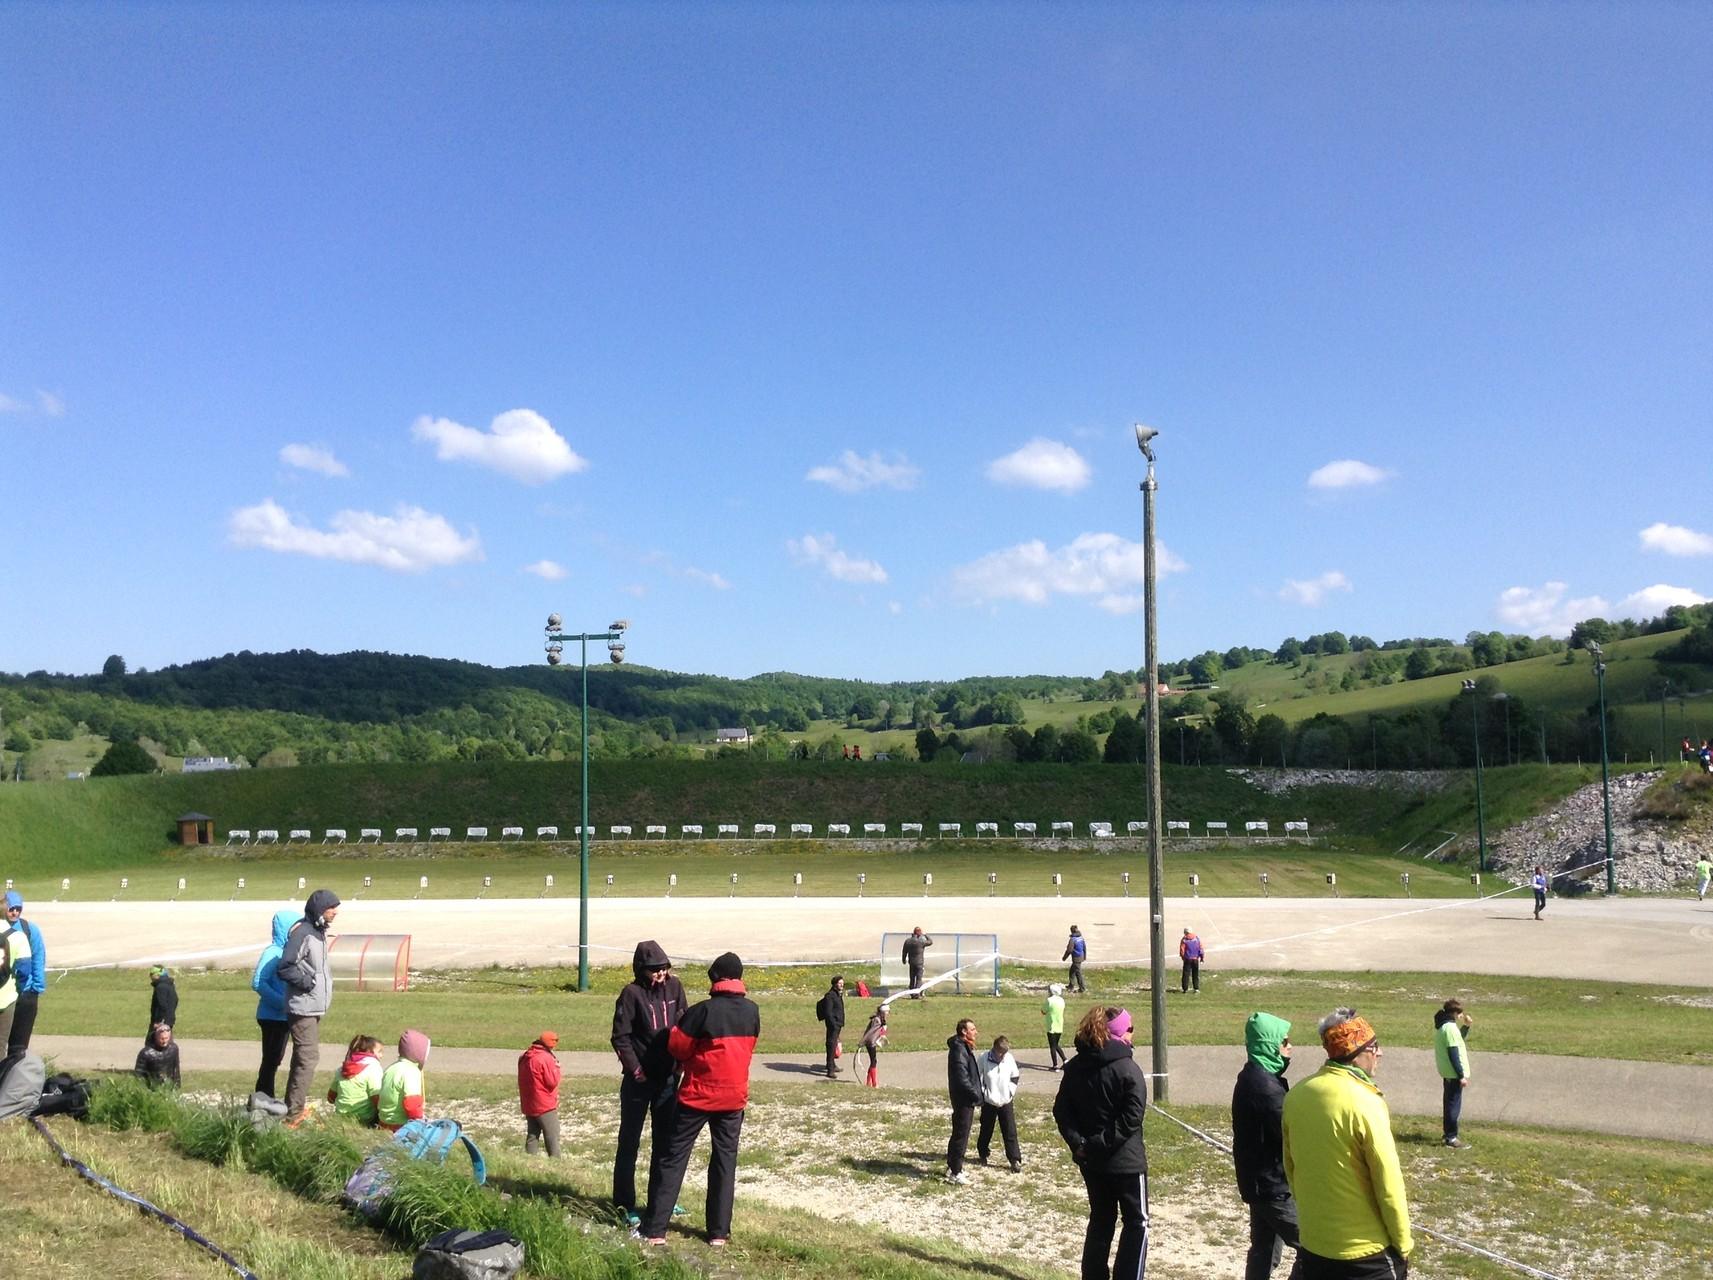 Arrivée sur le stade de biathlon